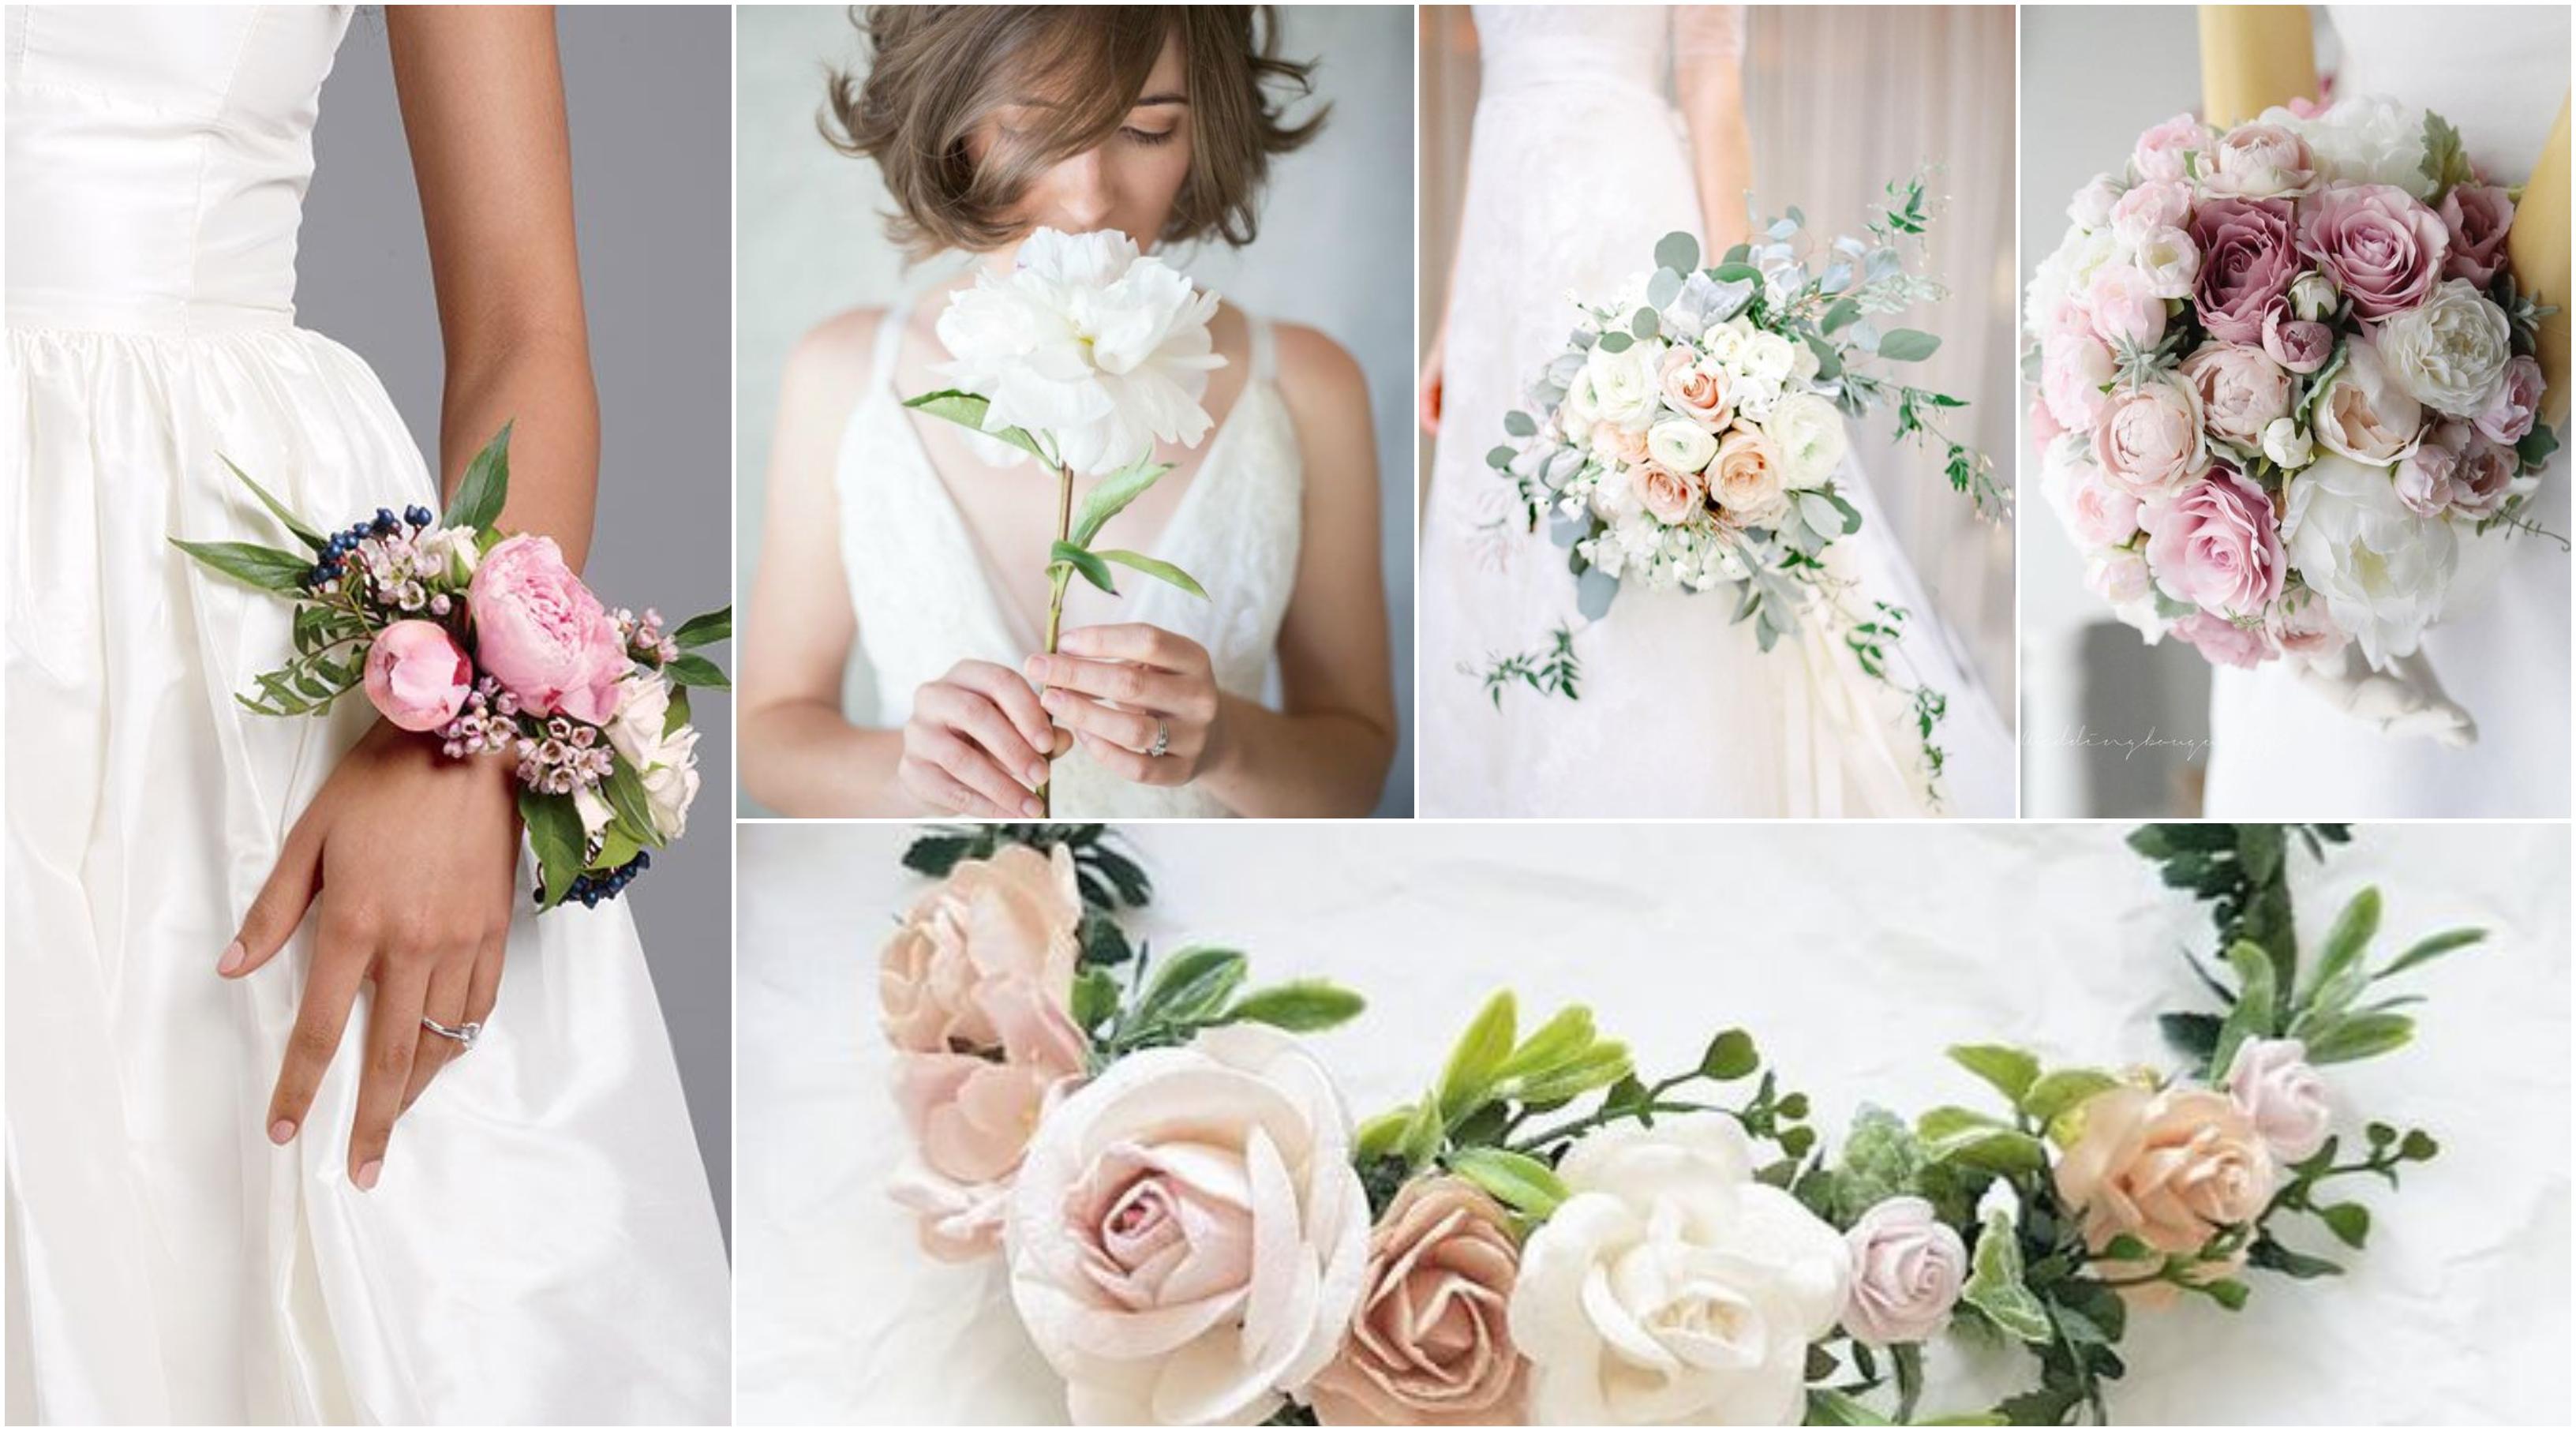 Foto Bouquet Sposa.Bouquet Da Sposa Quanti E Quali Sono Scegli Quello Perfetto Per Te